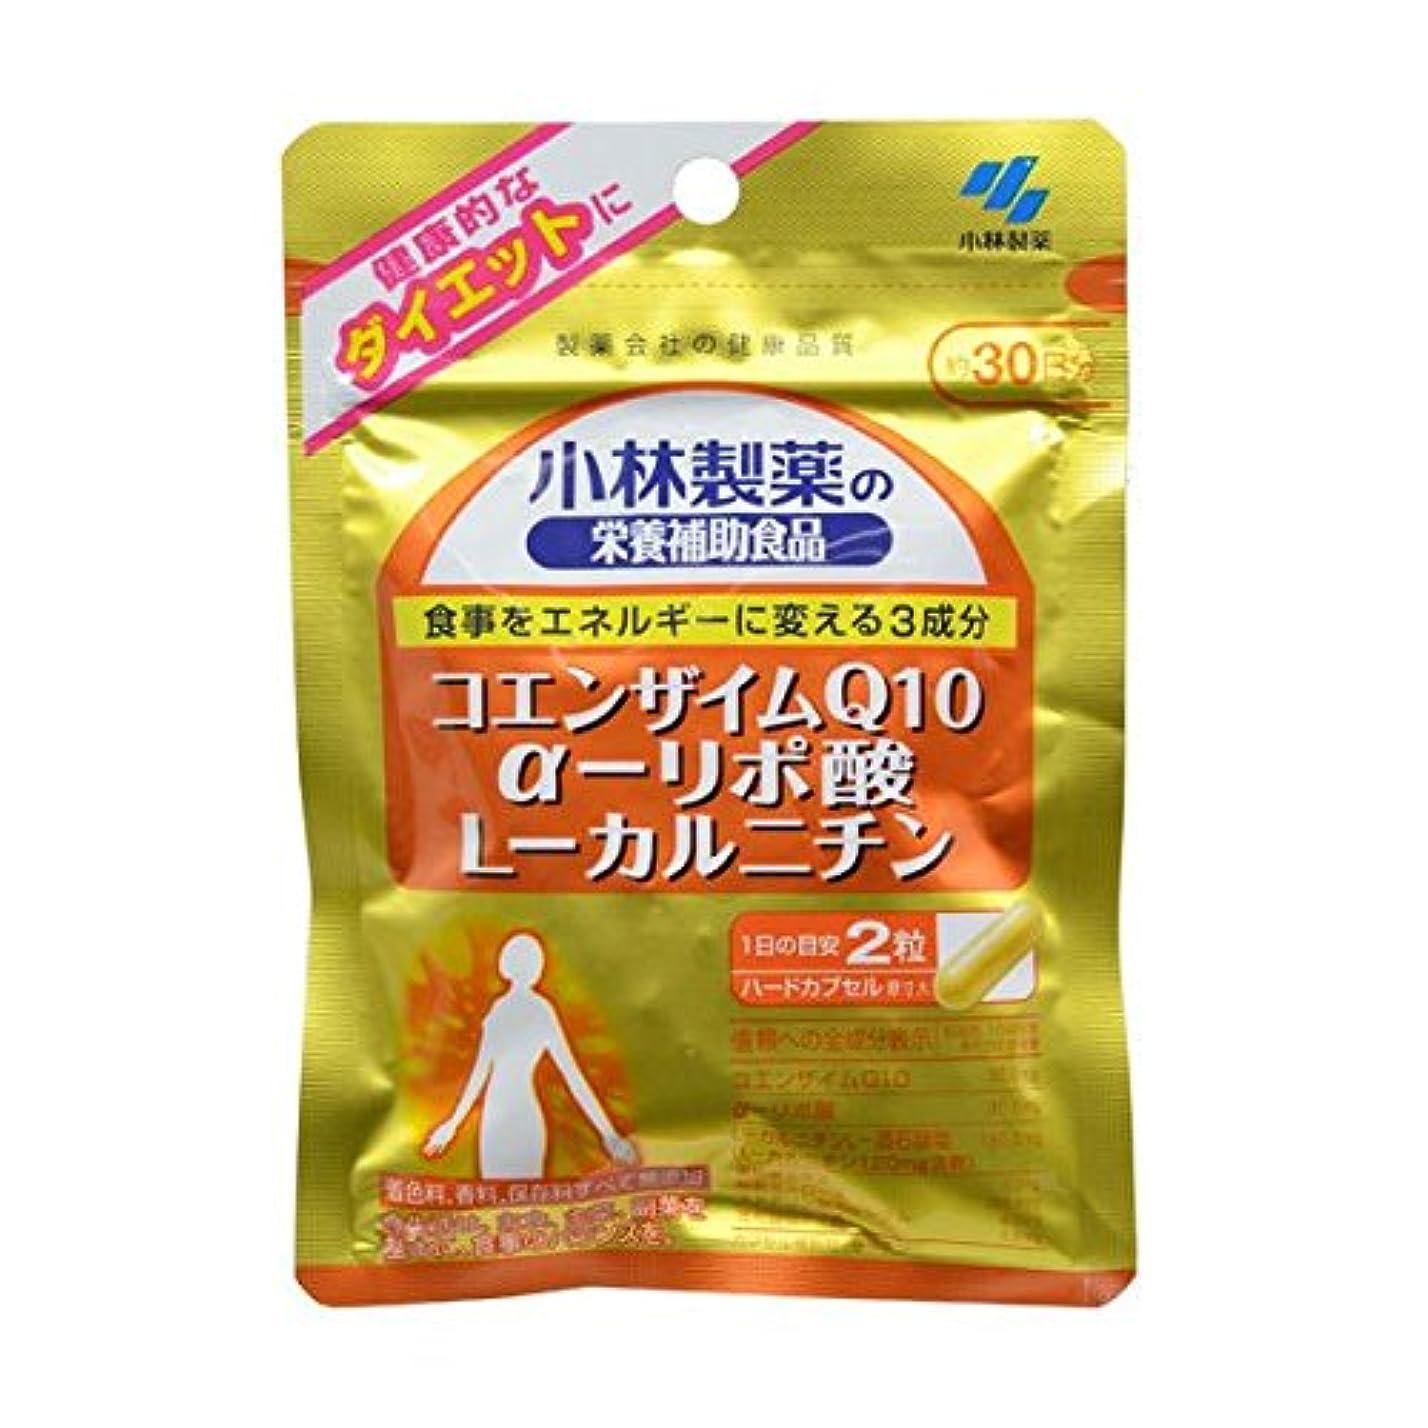 ソビエト人柄発行する小林製薬 小林製薬の栄養補助食品コエンザイムQ10α-リポ酸L-カルニチン60粒×2